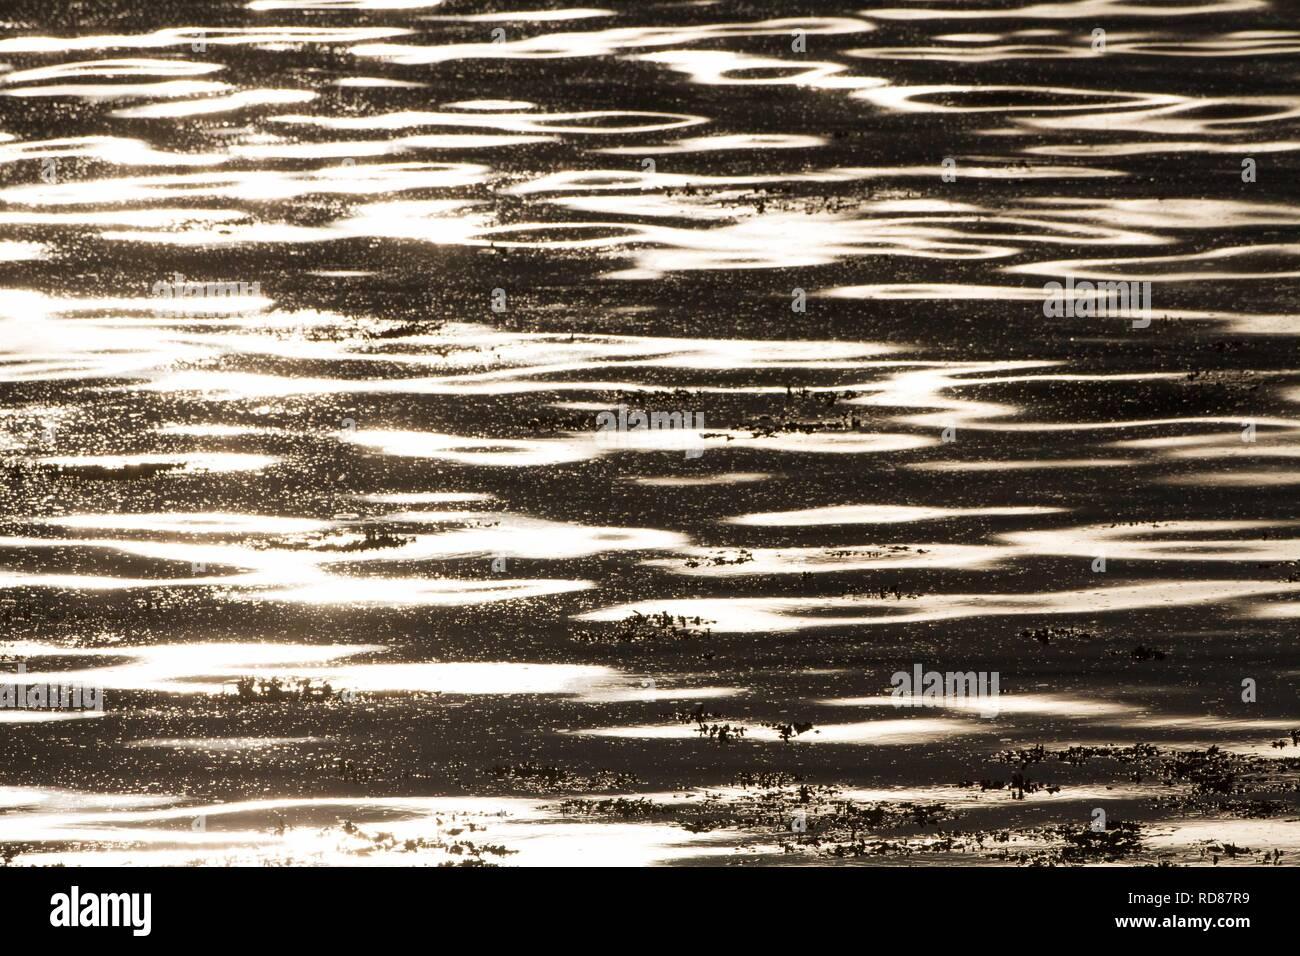 Mare calmo ,solo dagli impianti offshore di Berneray, habitat ideale per piccoli Sterne per alimentare il cicerello ,le specie indicatrici per il cambiamento climatico Foto Stock